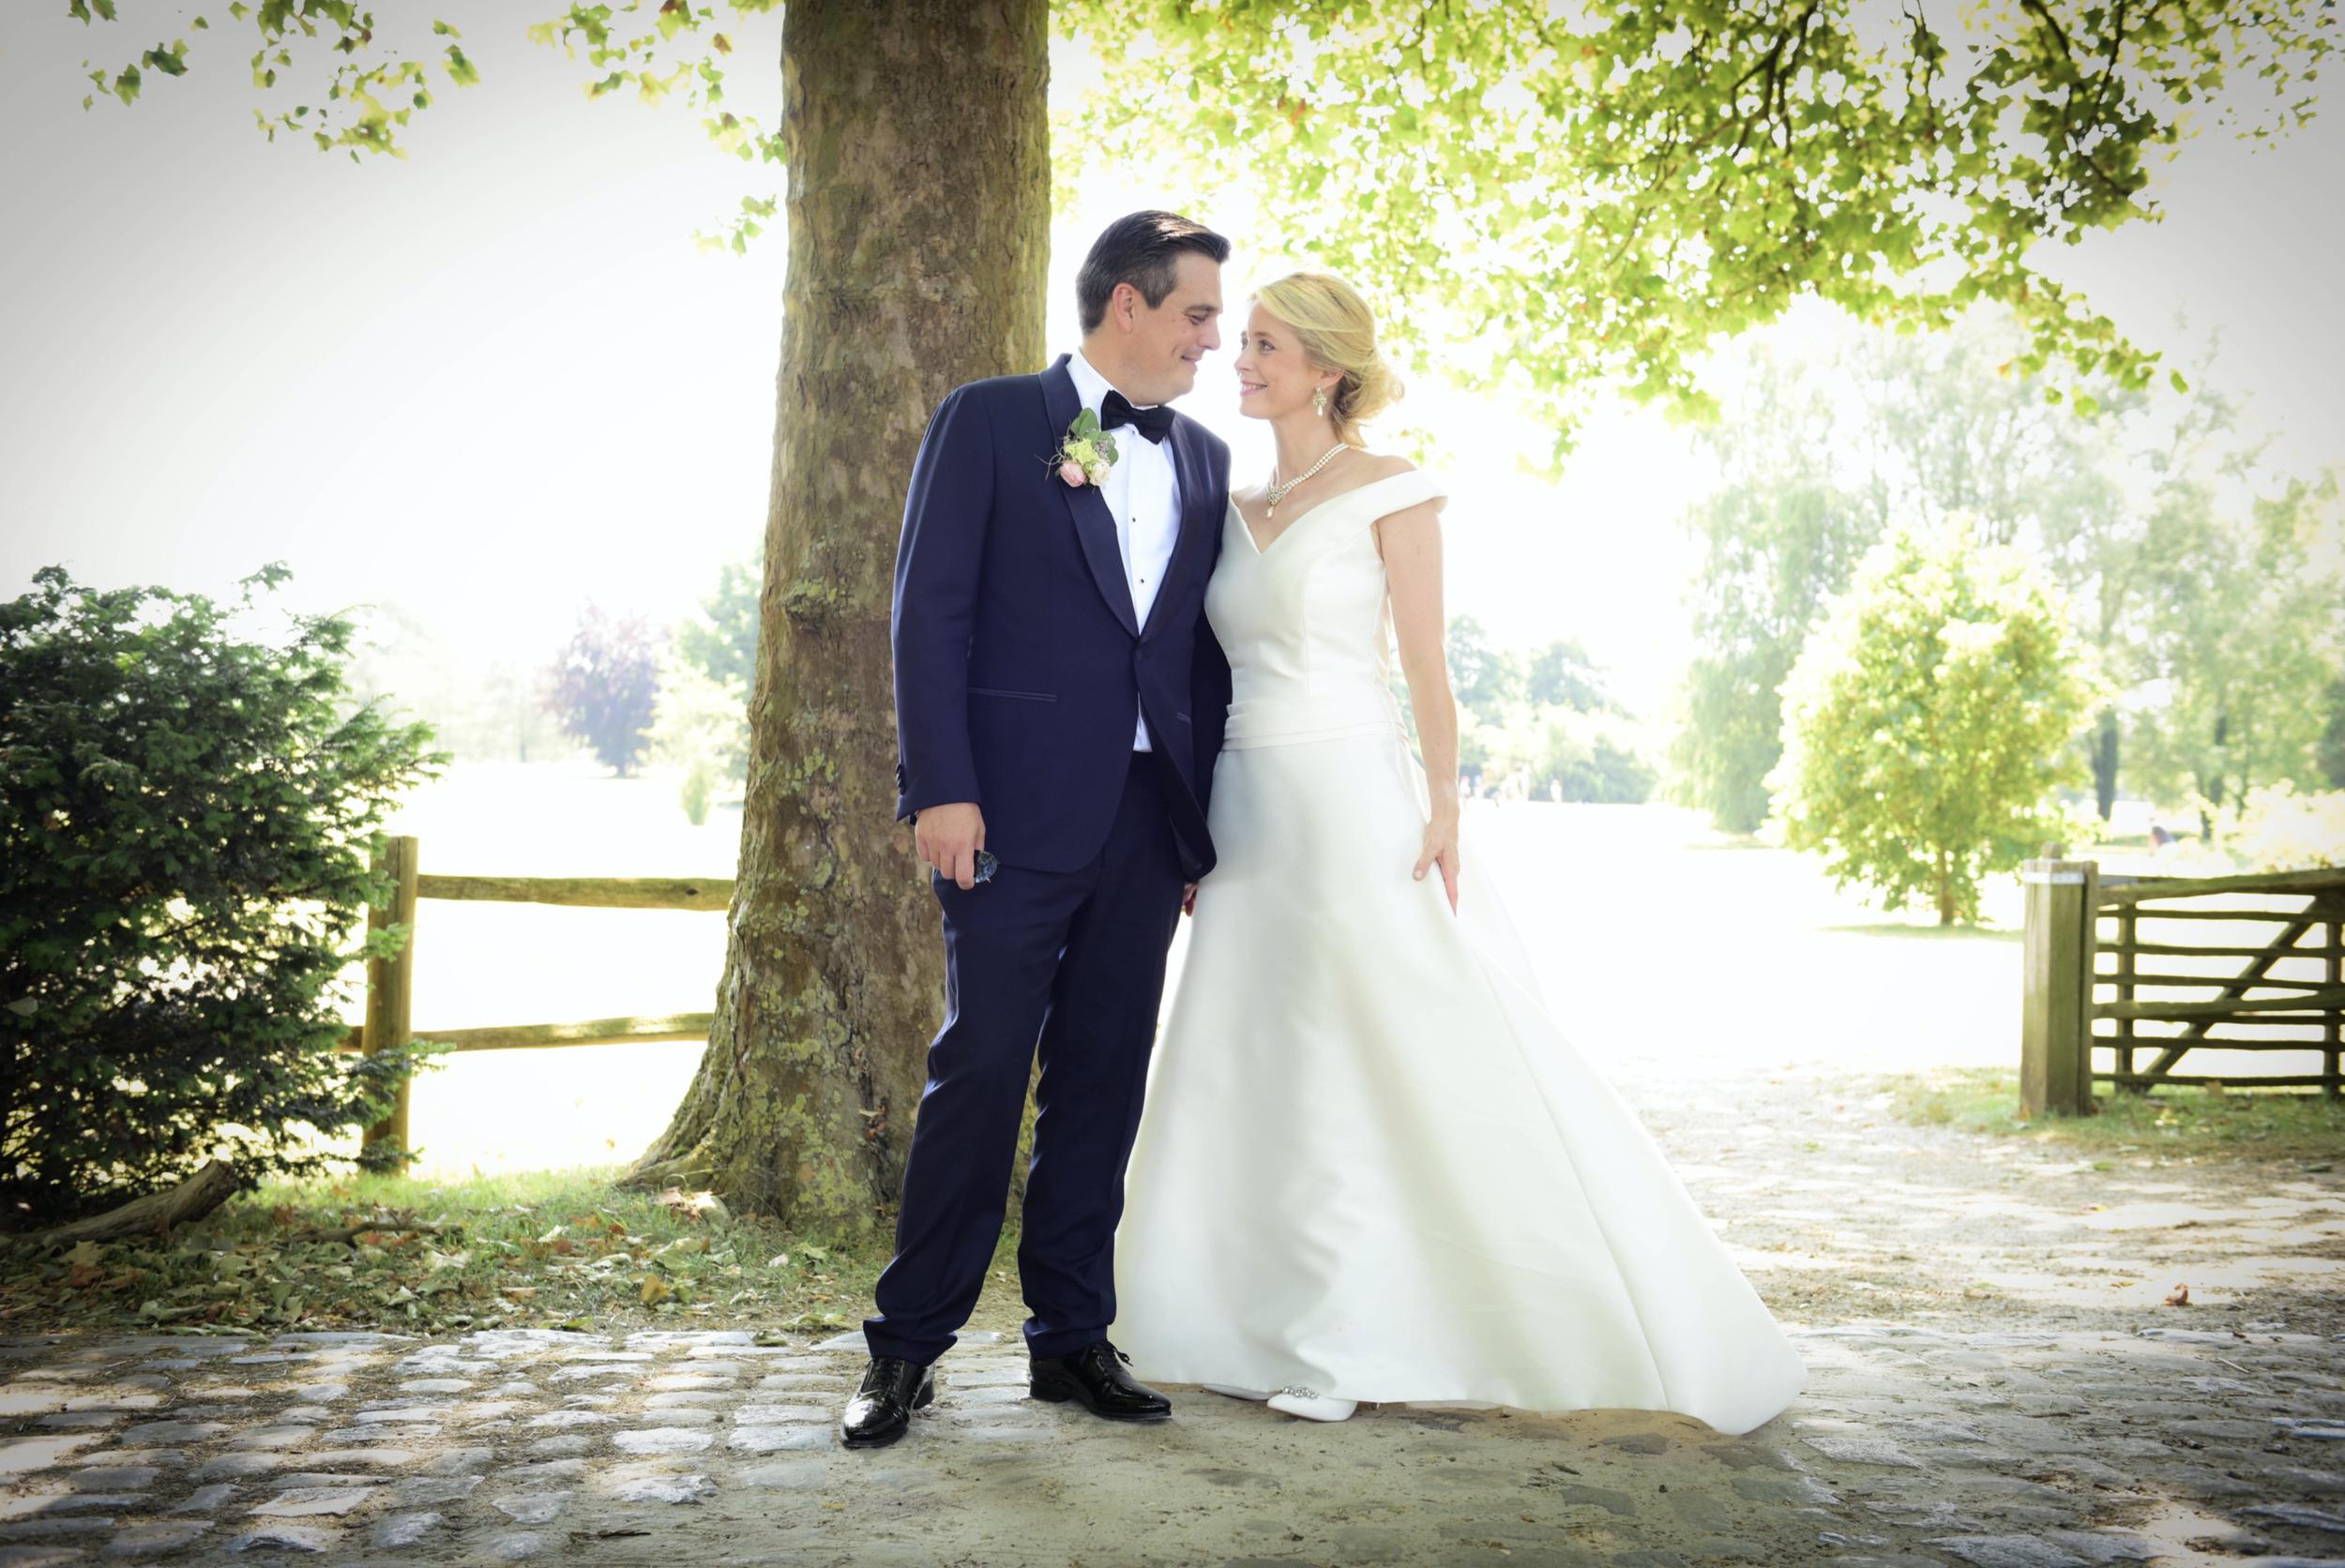 bart albrecht huwelijksfotograaf trouwfotograaf trouwen huwelijk fotografie huwelijksfotografie beste wedding weddingphotographer trouwreportage bruidsfotografie bruidsfotograaf0008.png